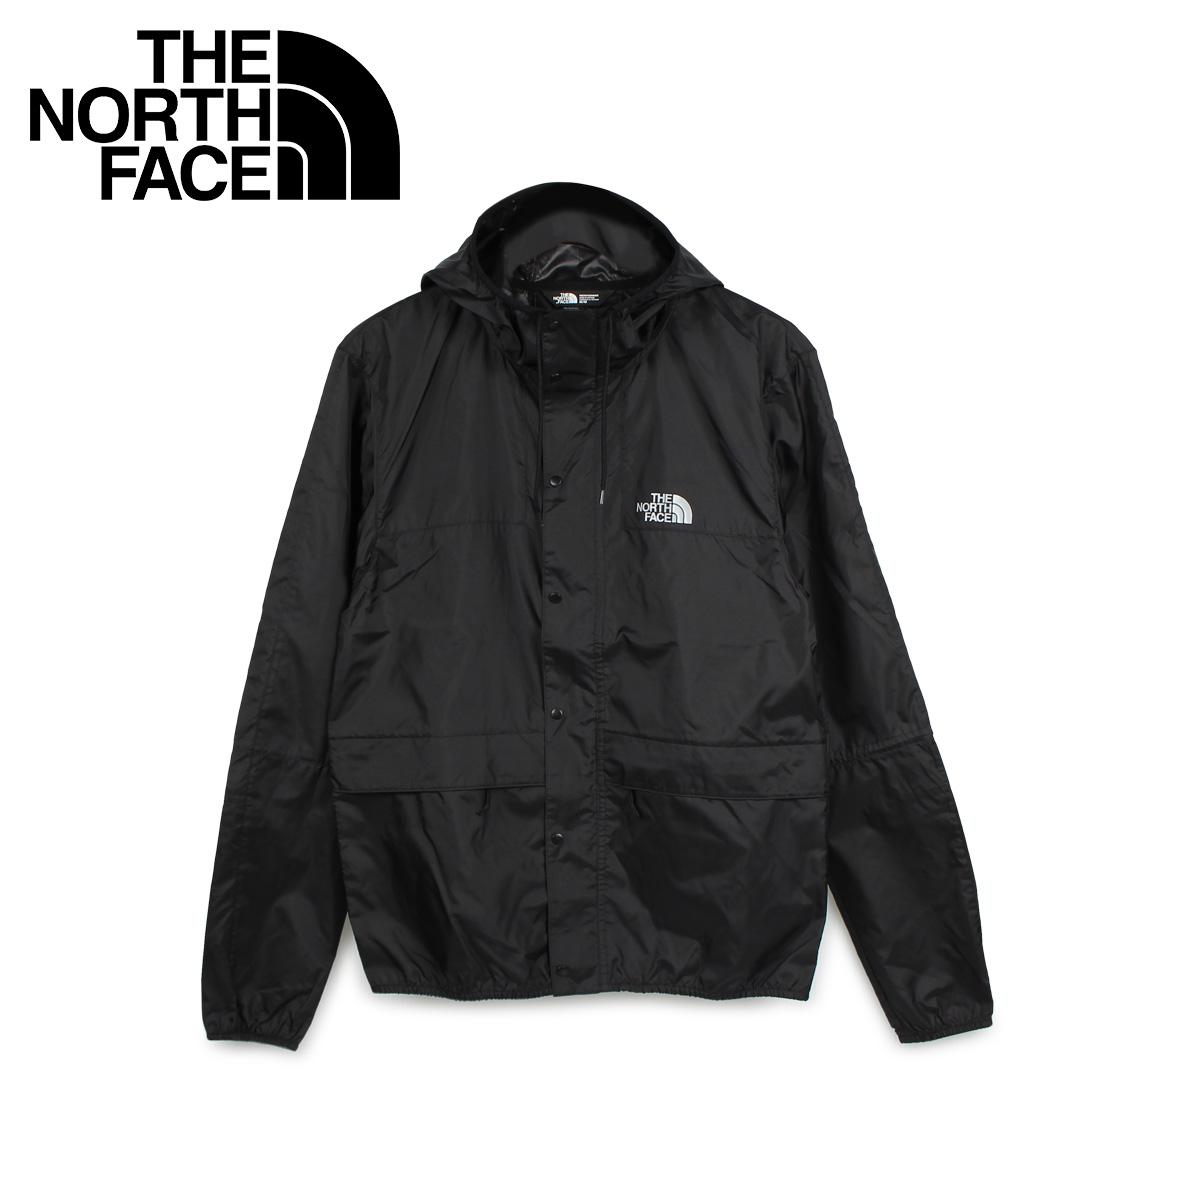 THE NORTH FACE ノースフェイス ジャケット マウンテンジャケット メンズ MENS 1985 SEASONAL MOUNTAIN JACKET ブラック 黒 T0CH37